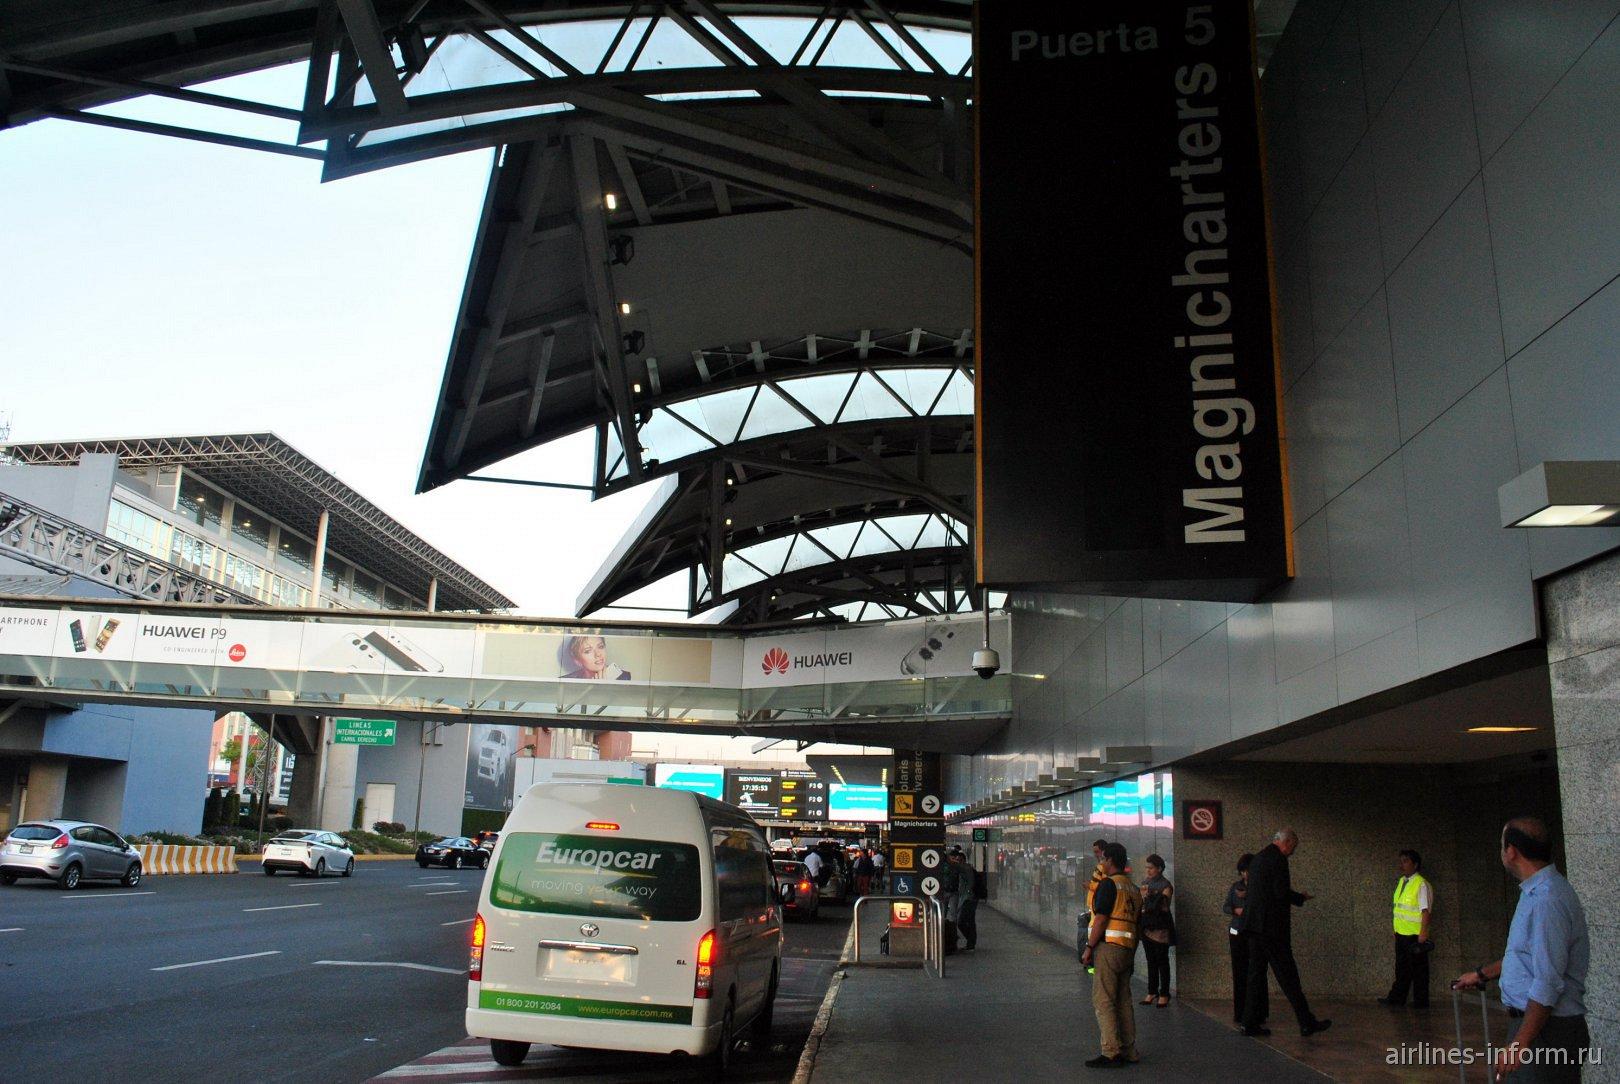 Вход #5 в терминал Т1 аэропорта Мехико Бенито Хуарес